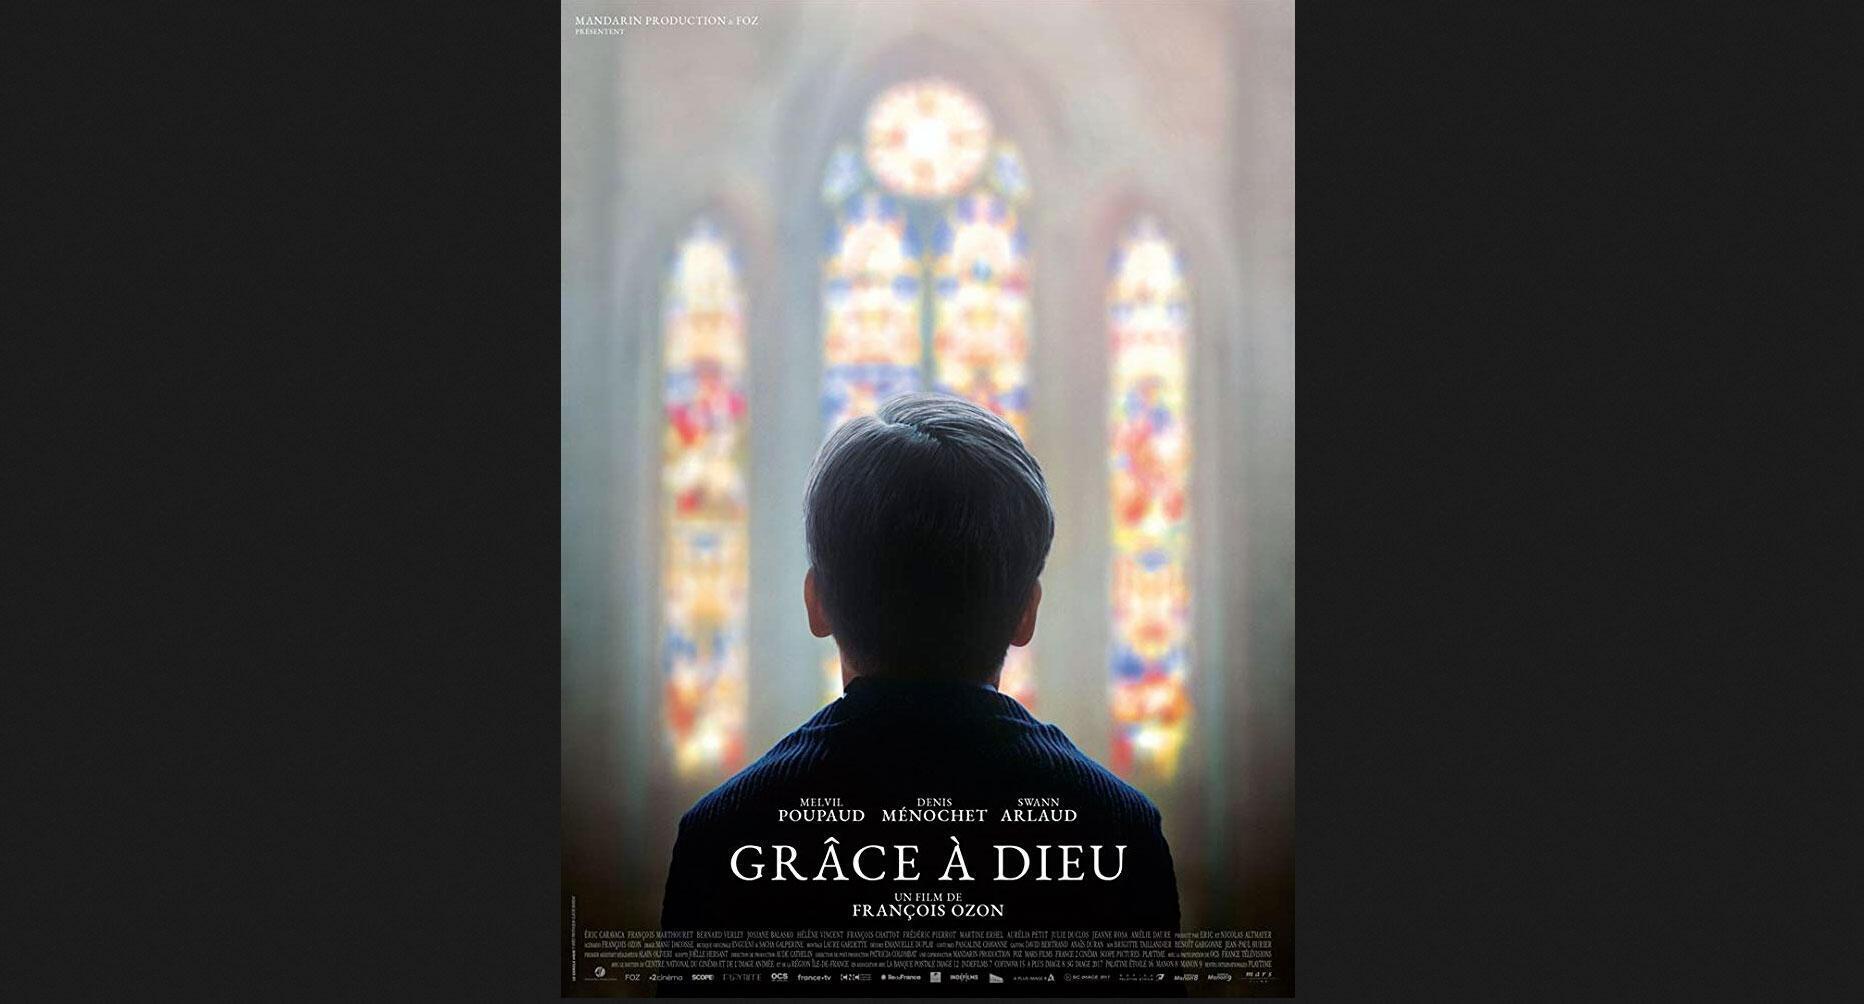 《感謝上帝》一片揭露神職人員性侵造成的傷害